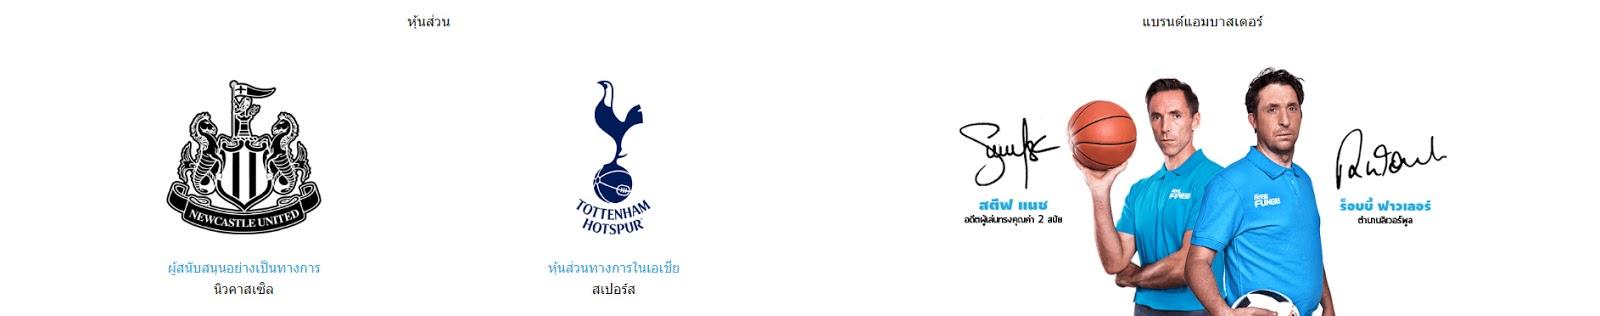 วิธี การ เล่น บา คา ร่า คือ FUN88 แฮบปี้ออนไลน์ หวย online